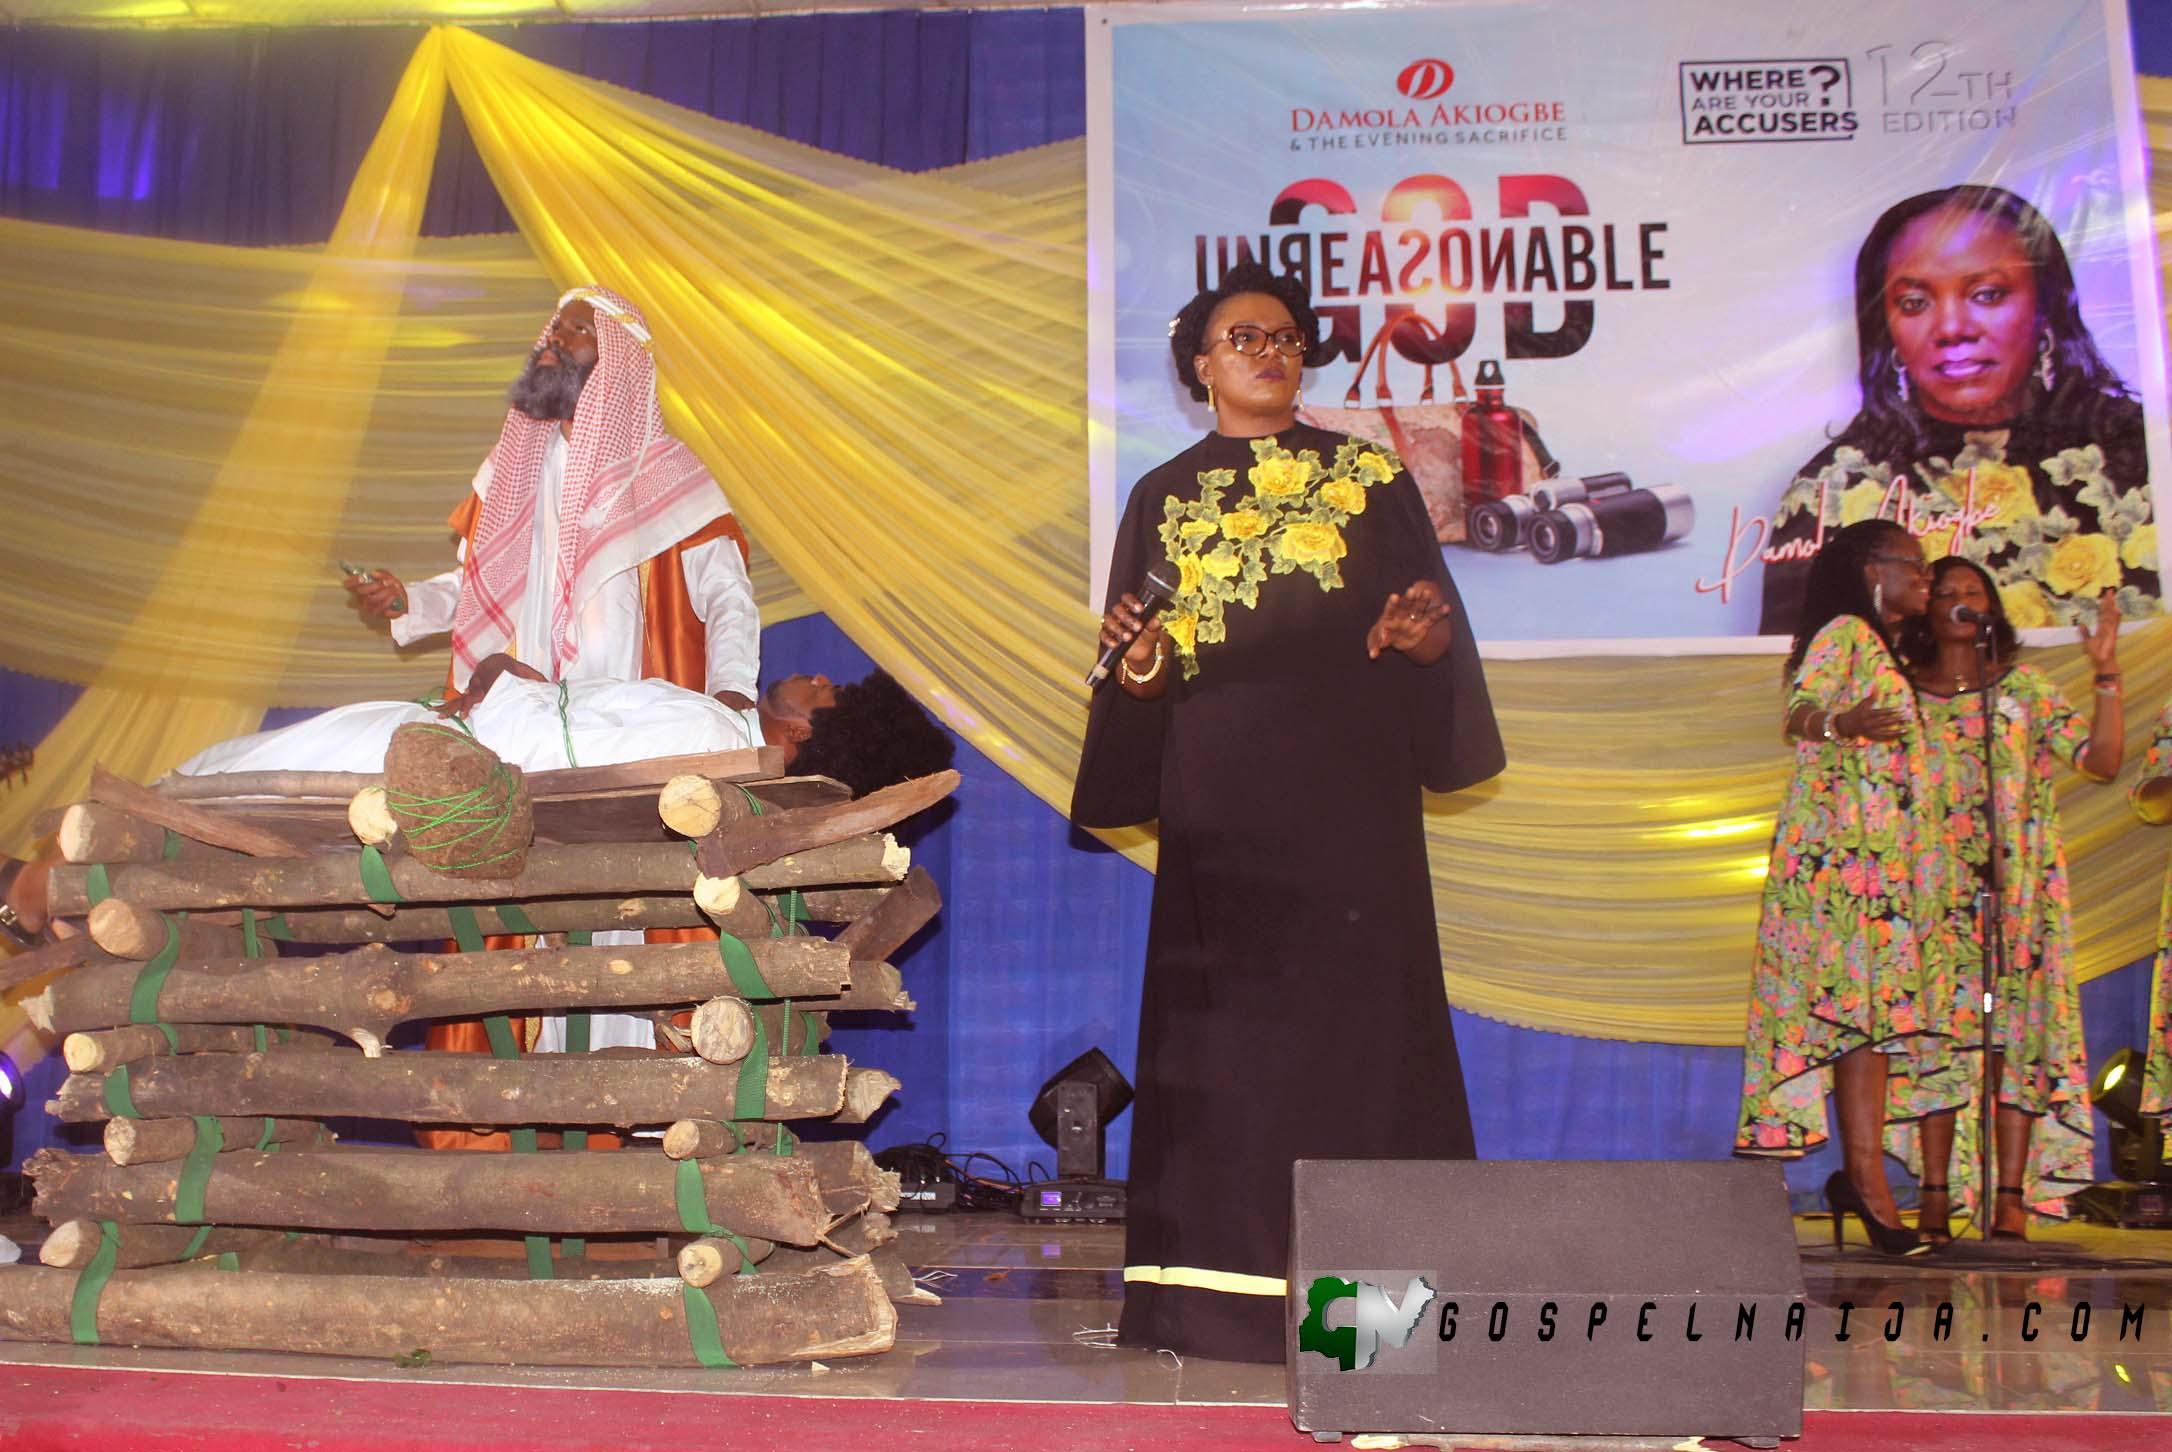 UNREASONABLE GOD with Damola Akiogbe WAYA 2017 [@DamolaWAYA] (36)